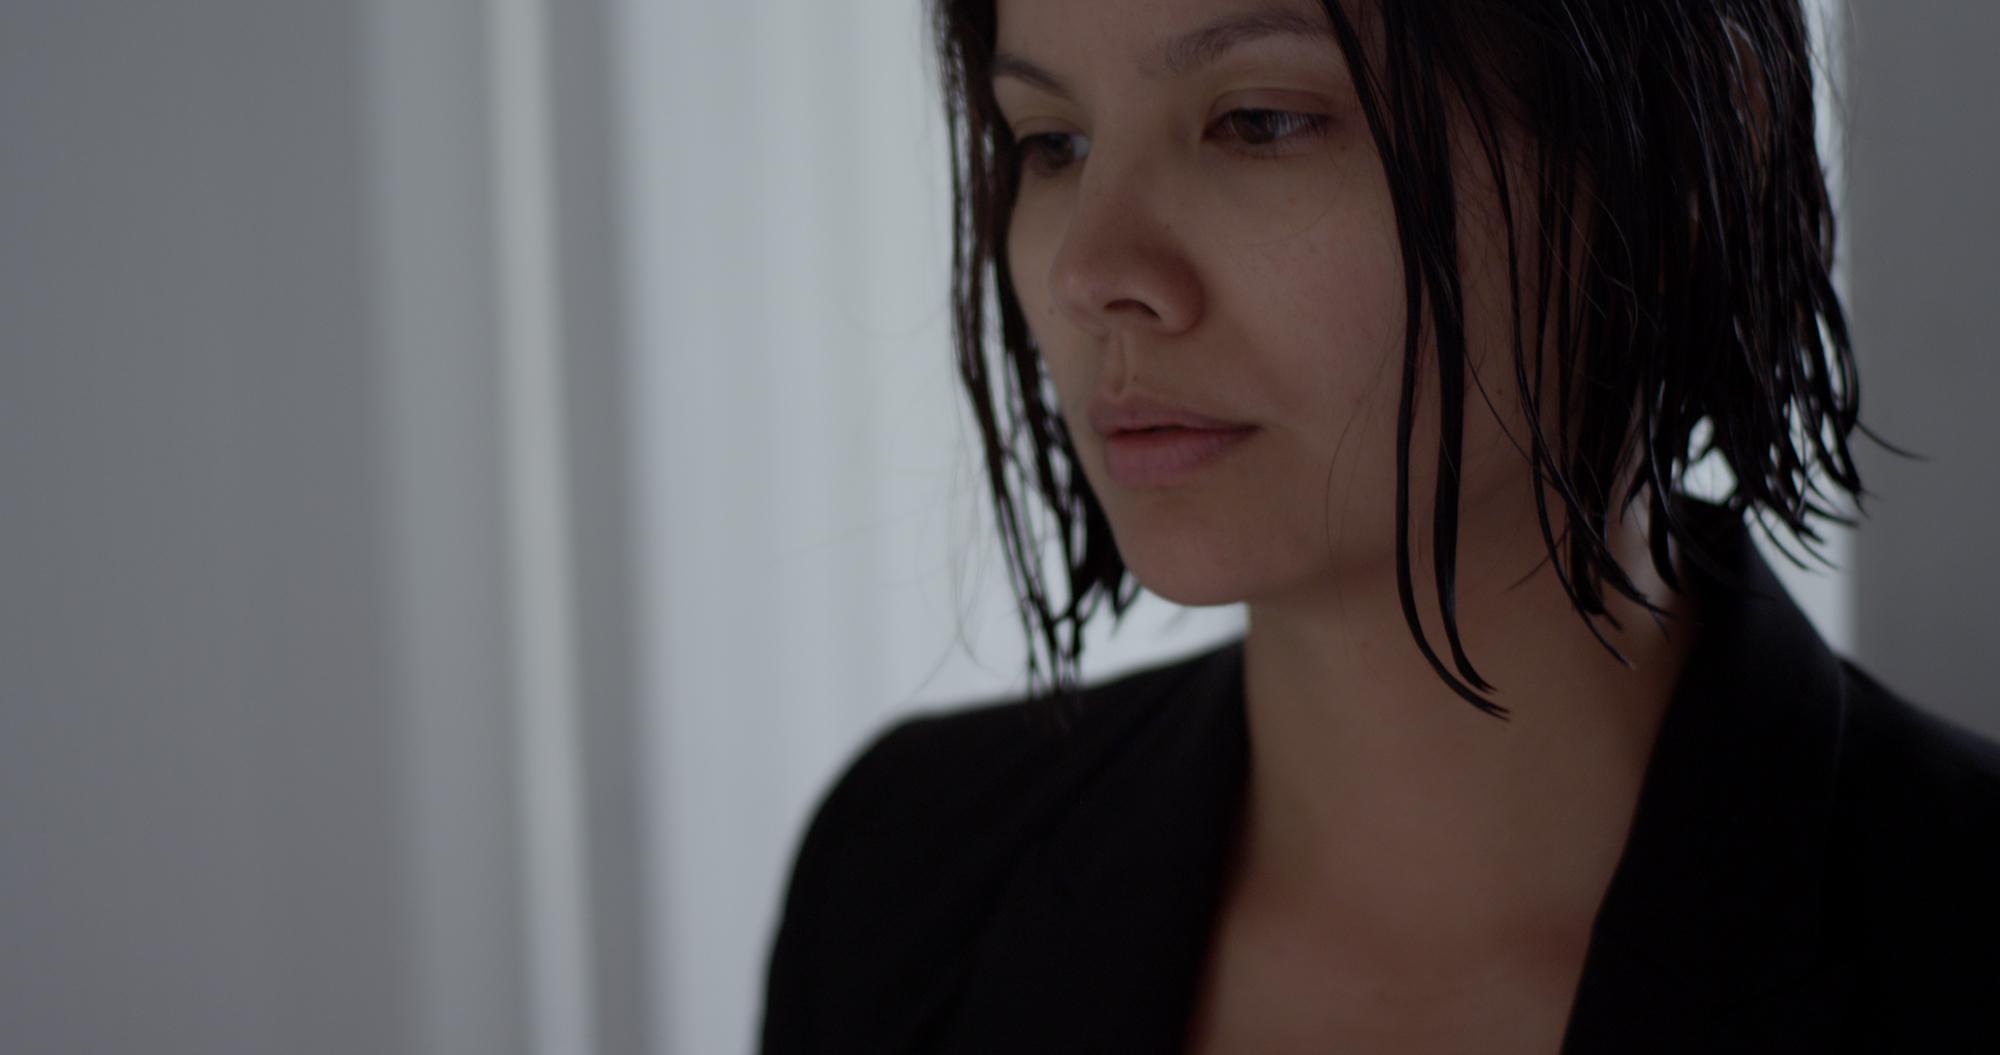 Intrusion Film Still 03